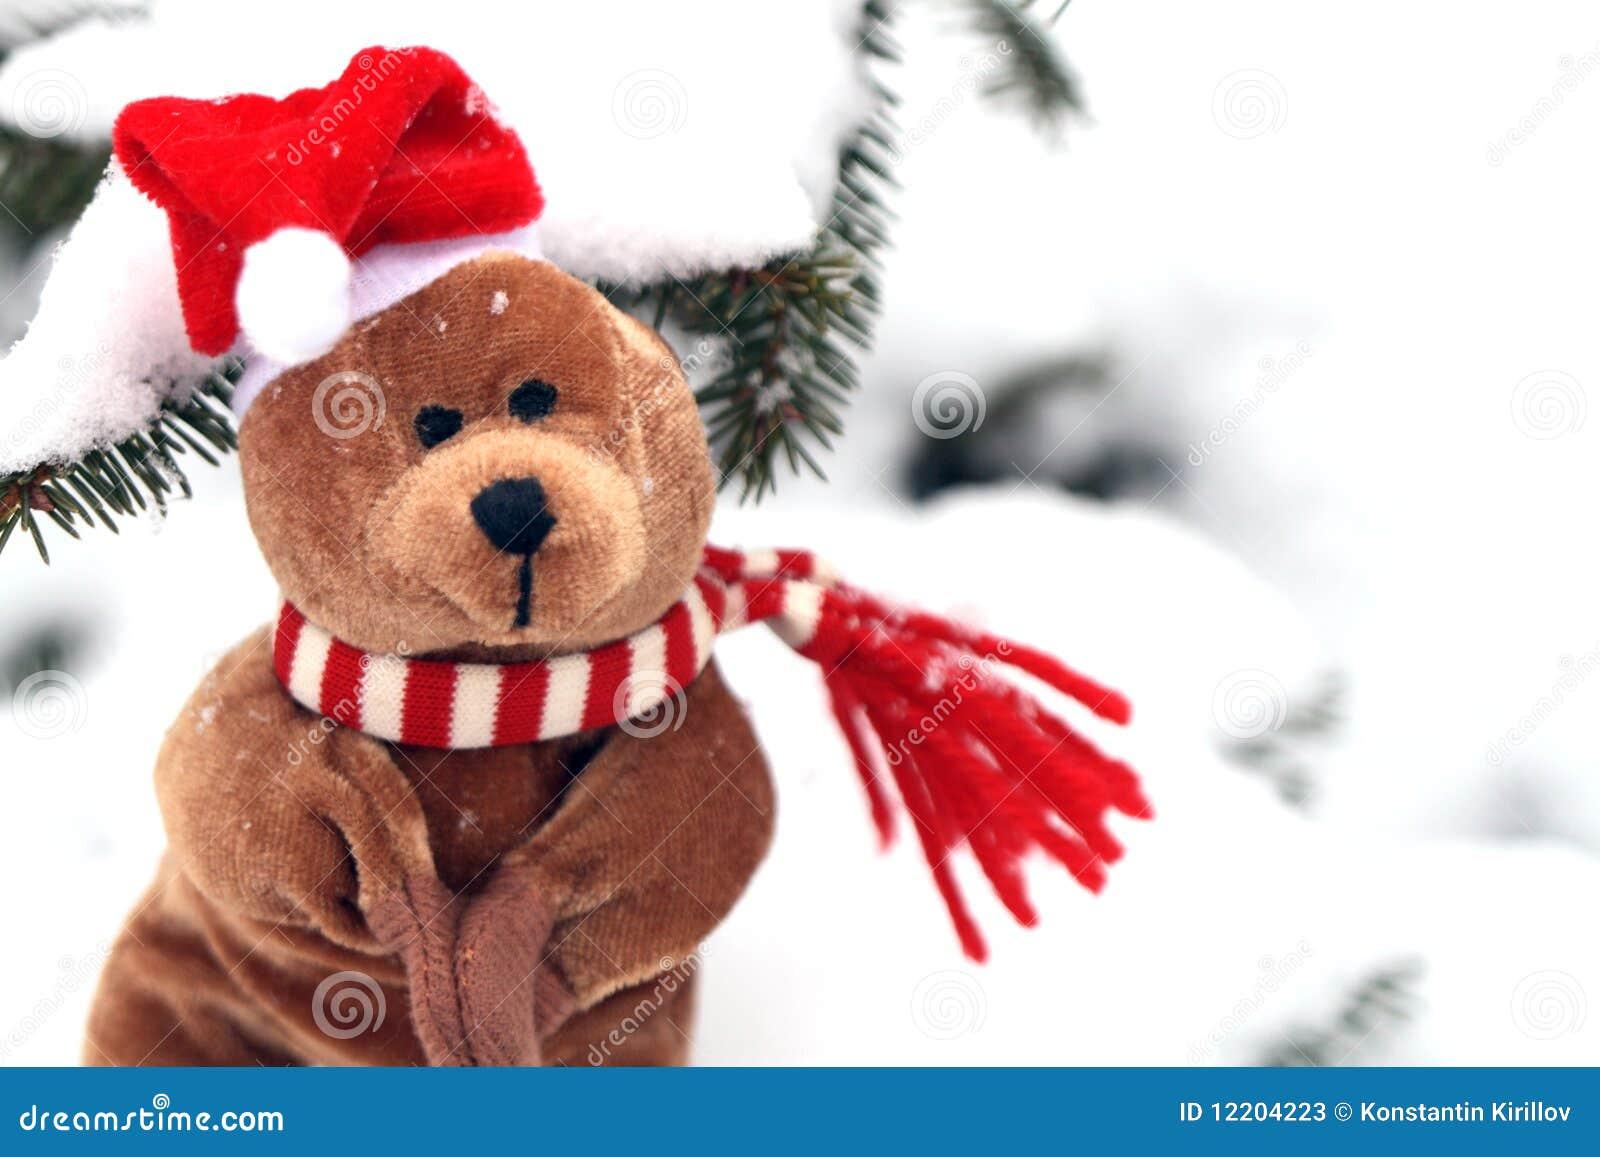 Christmas Teddy Bear Stock Photos - Image: 12204223